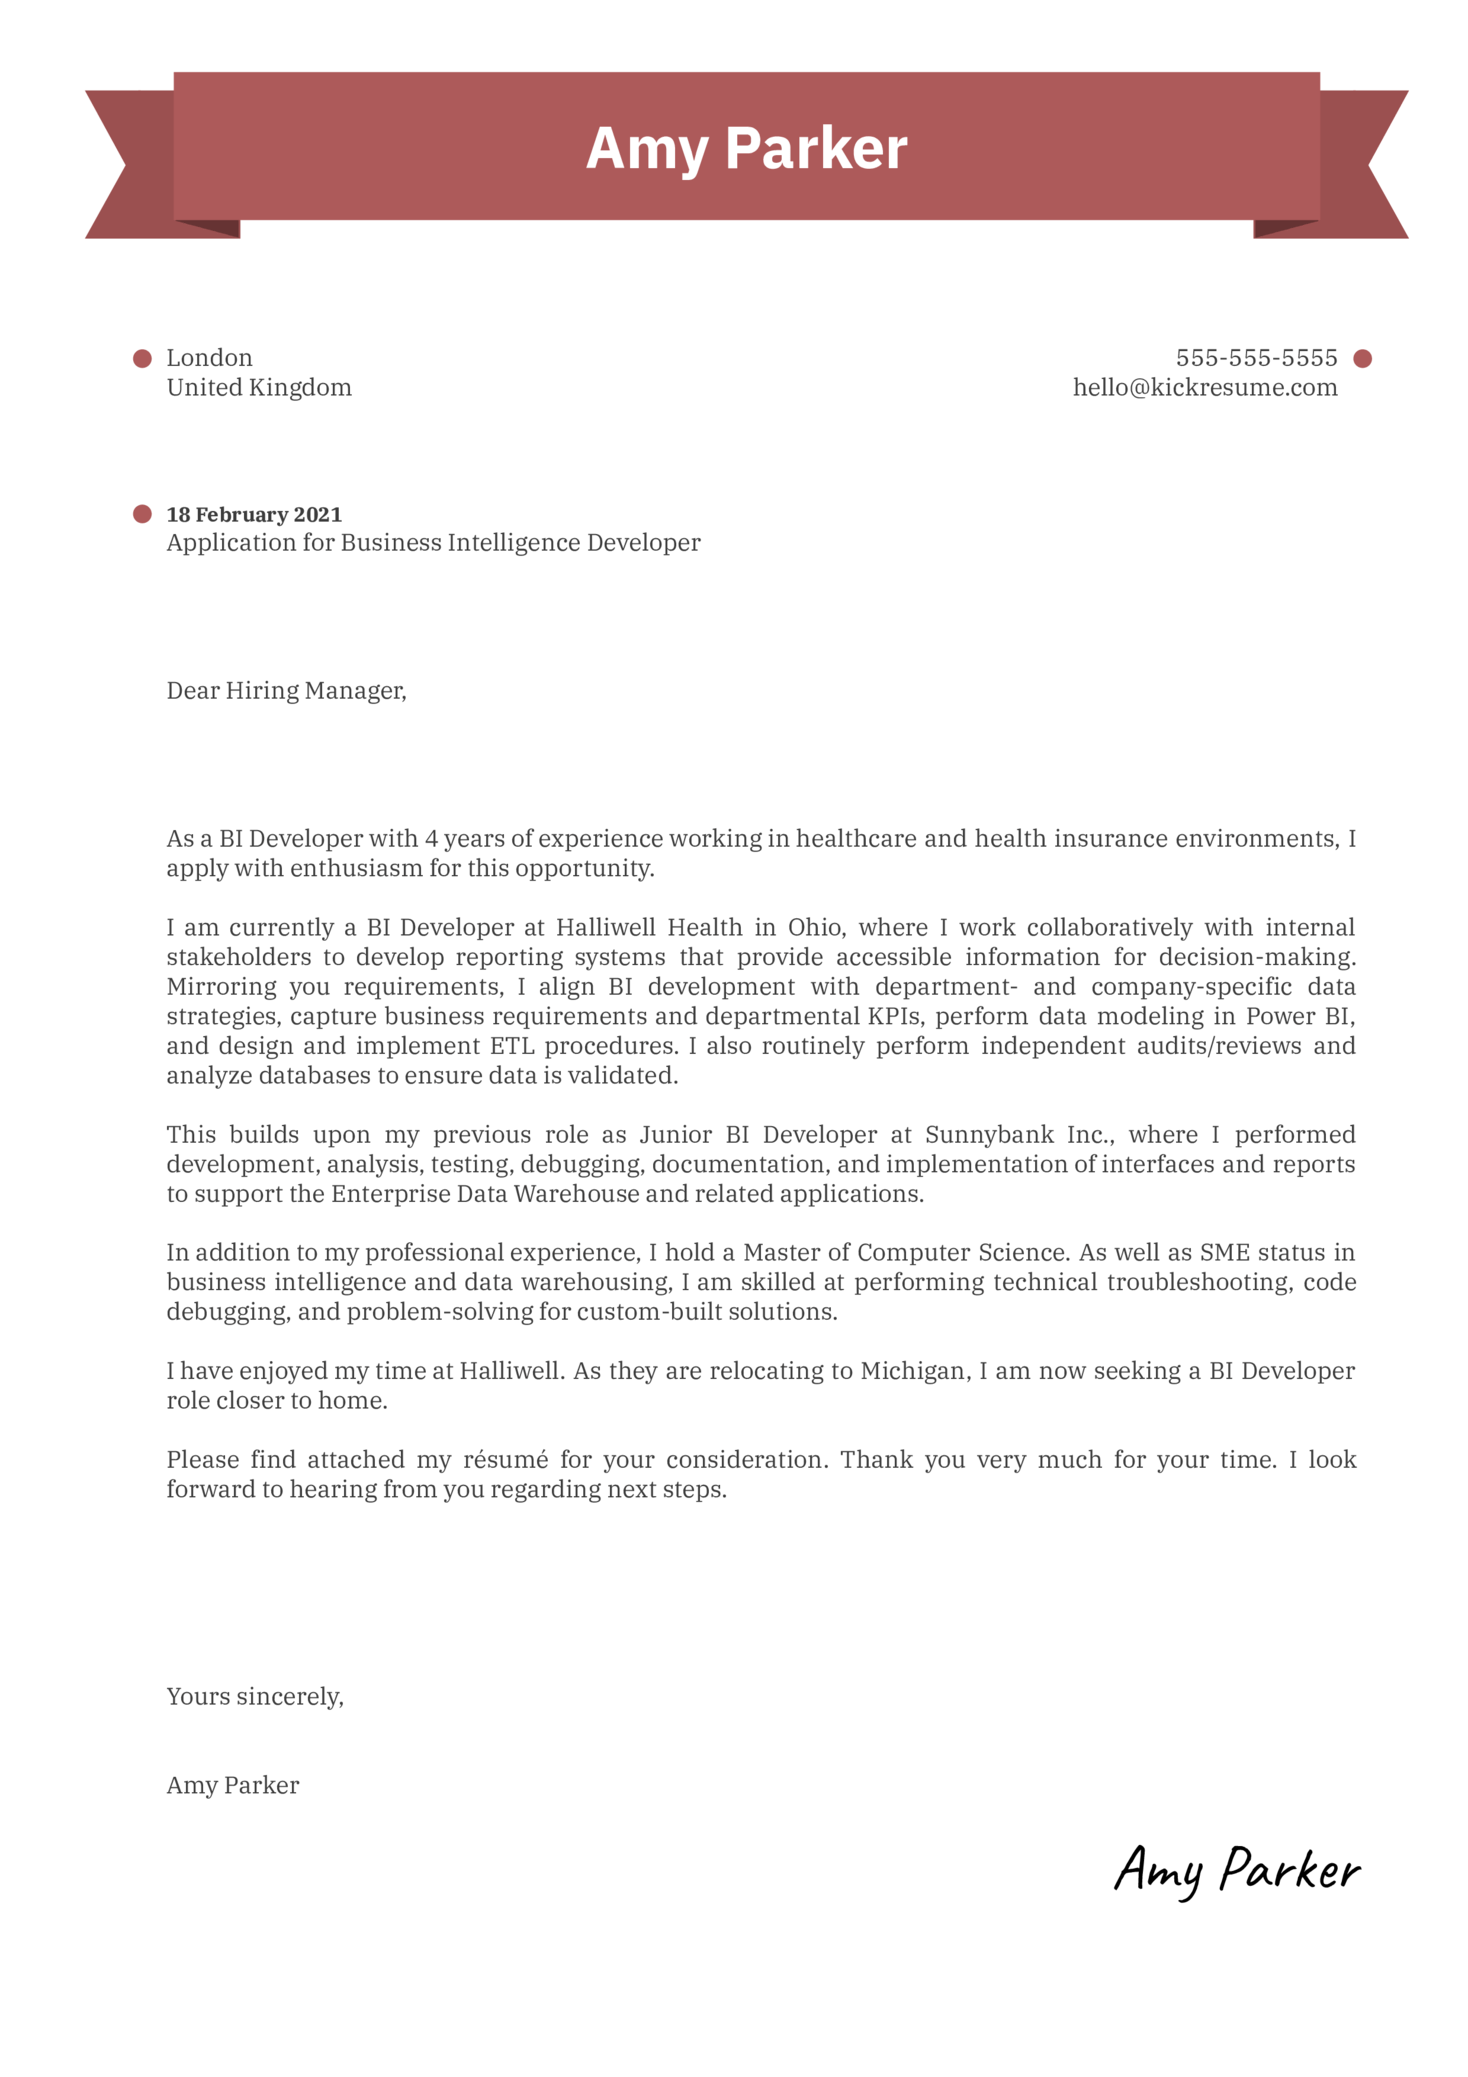 Business Intelligence Developer Cover Letter Sample